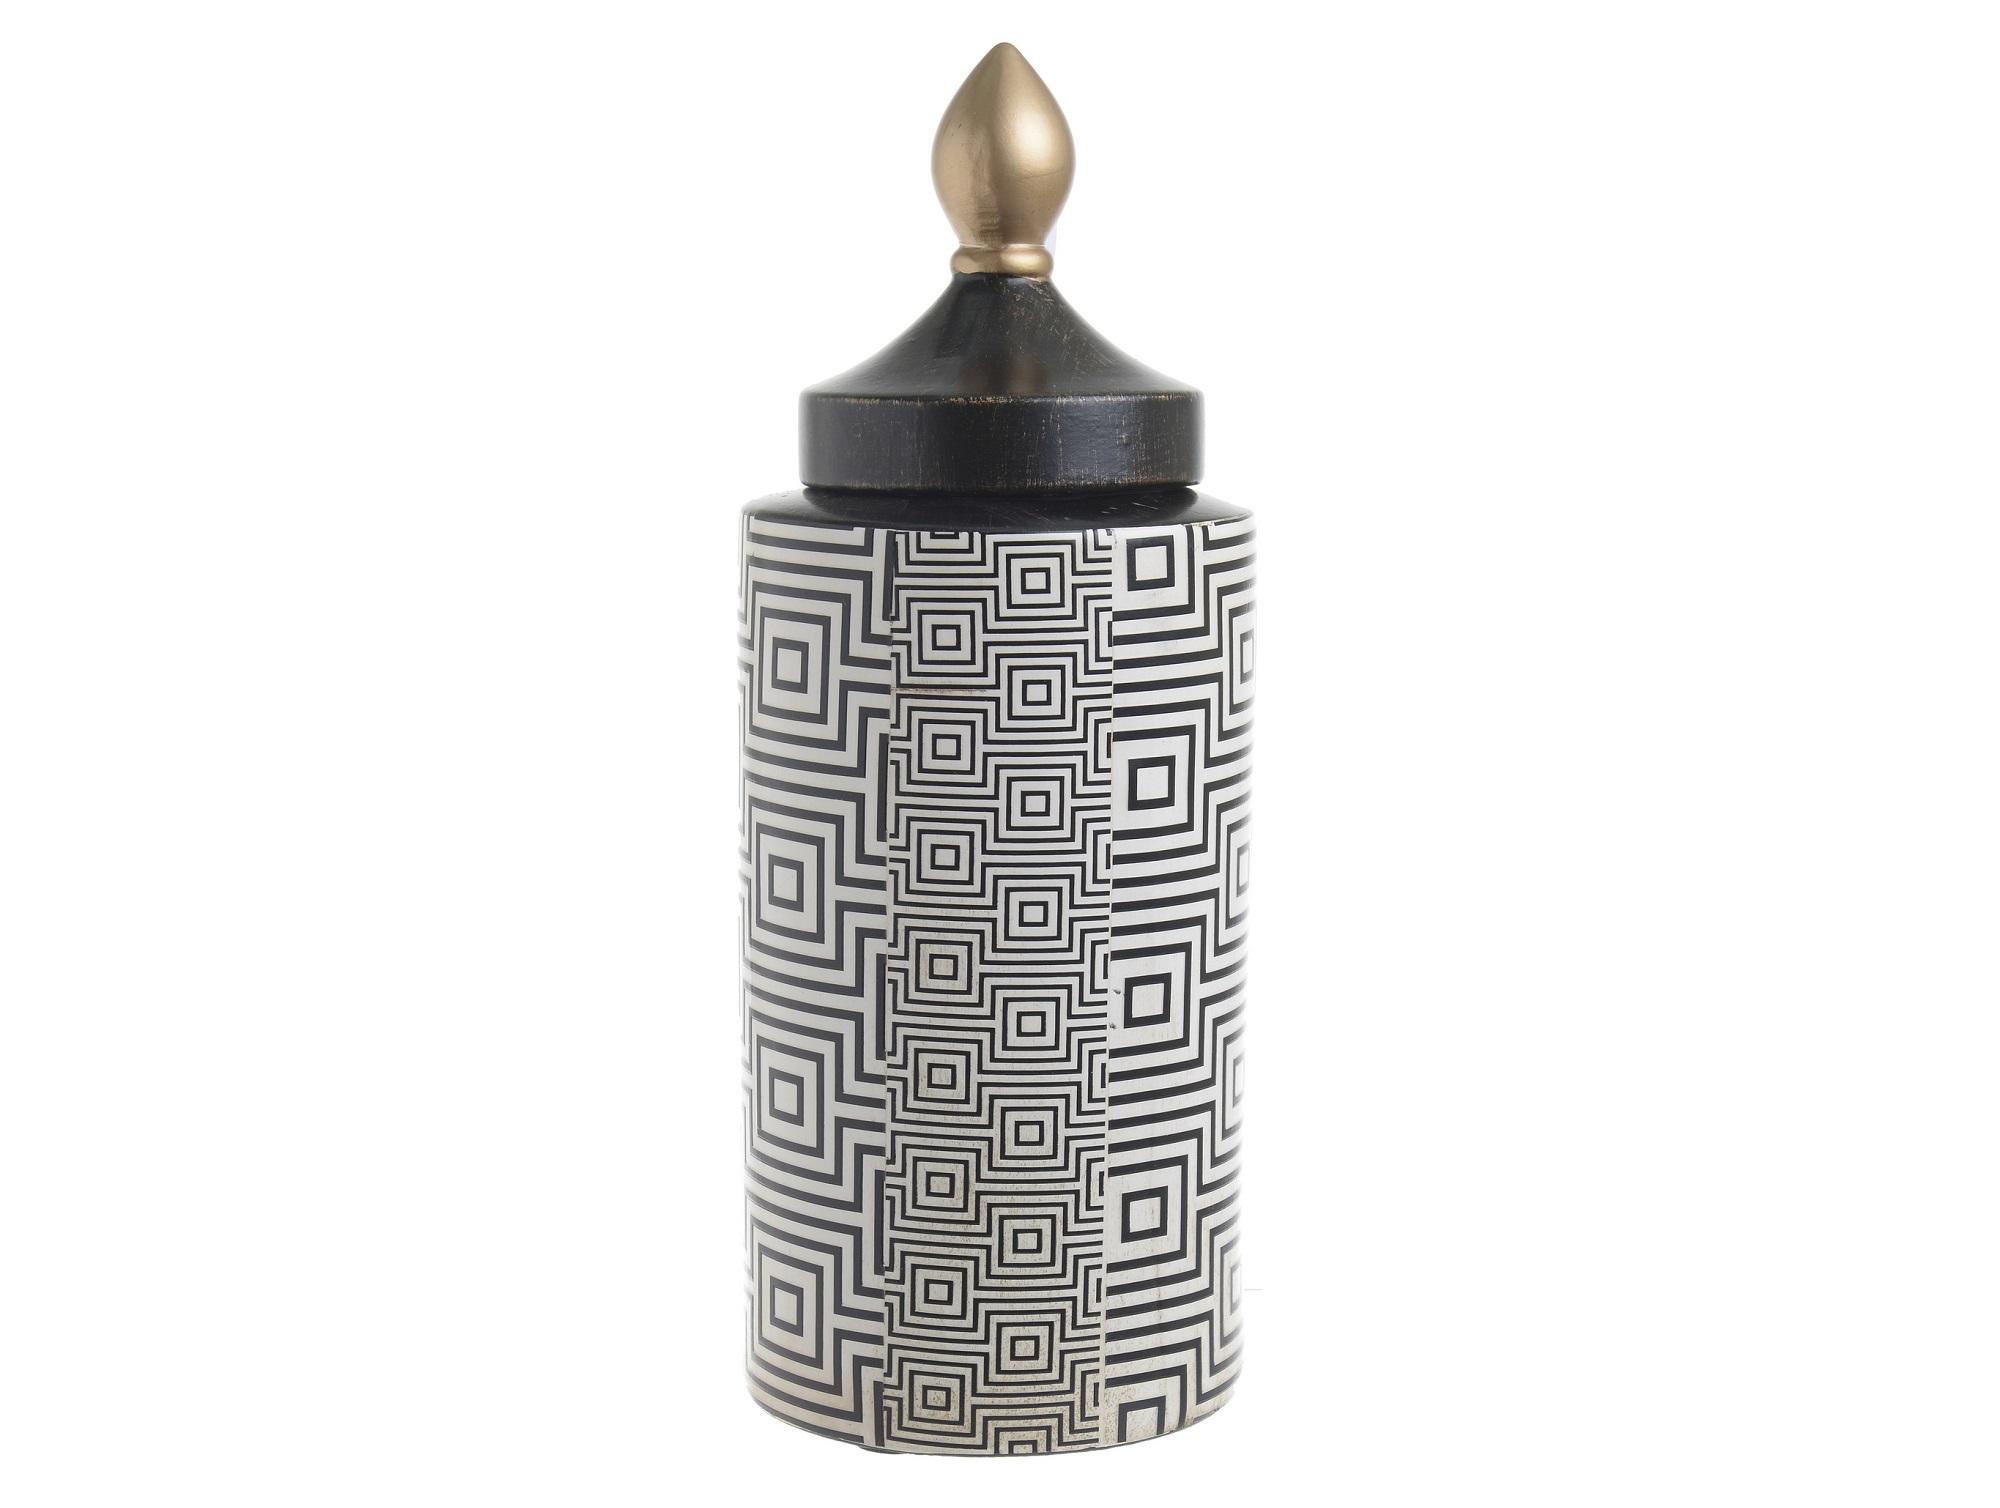 Ваза с крышкой DesmondЕмкости для хранения<br><br><br>Material: Керамика<br>Ширина см: 14.0<br>Высота см: 36.0<br>Глубина см: 14.0